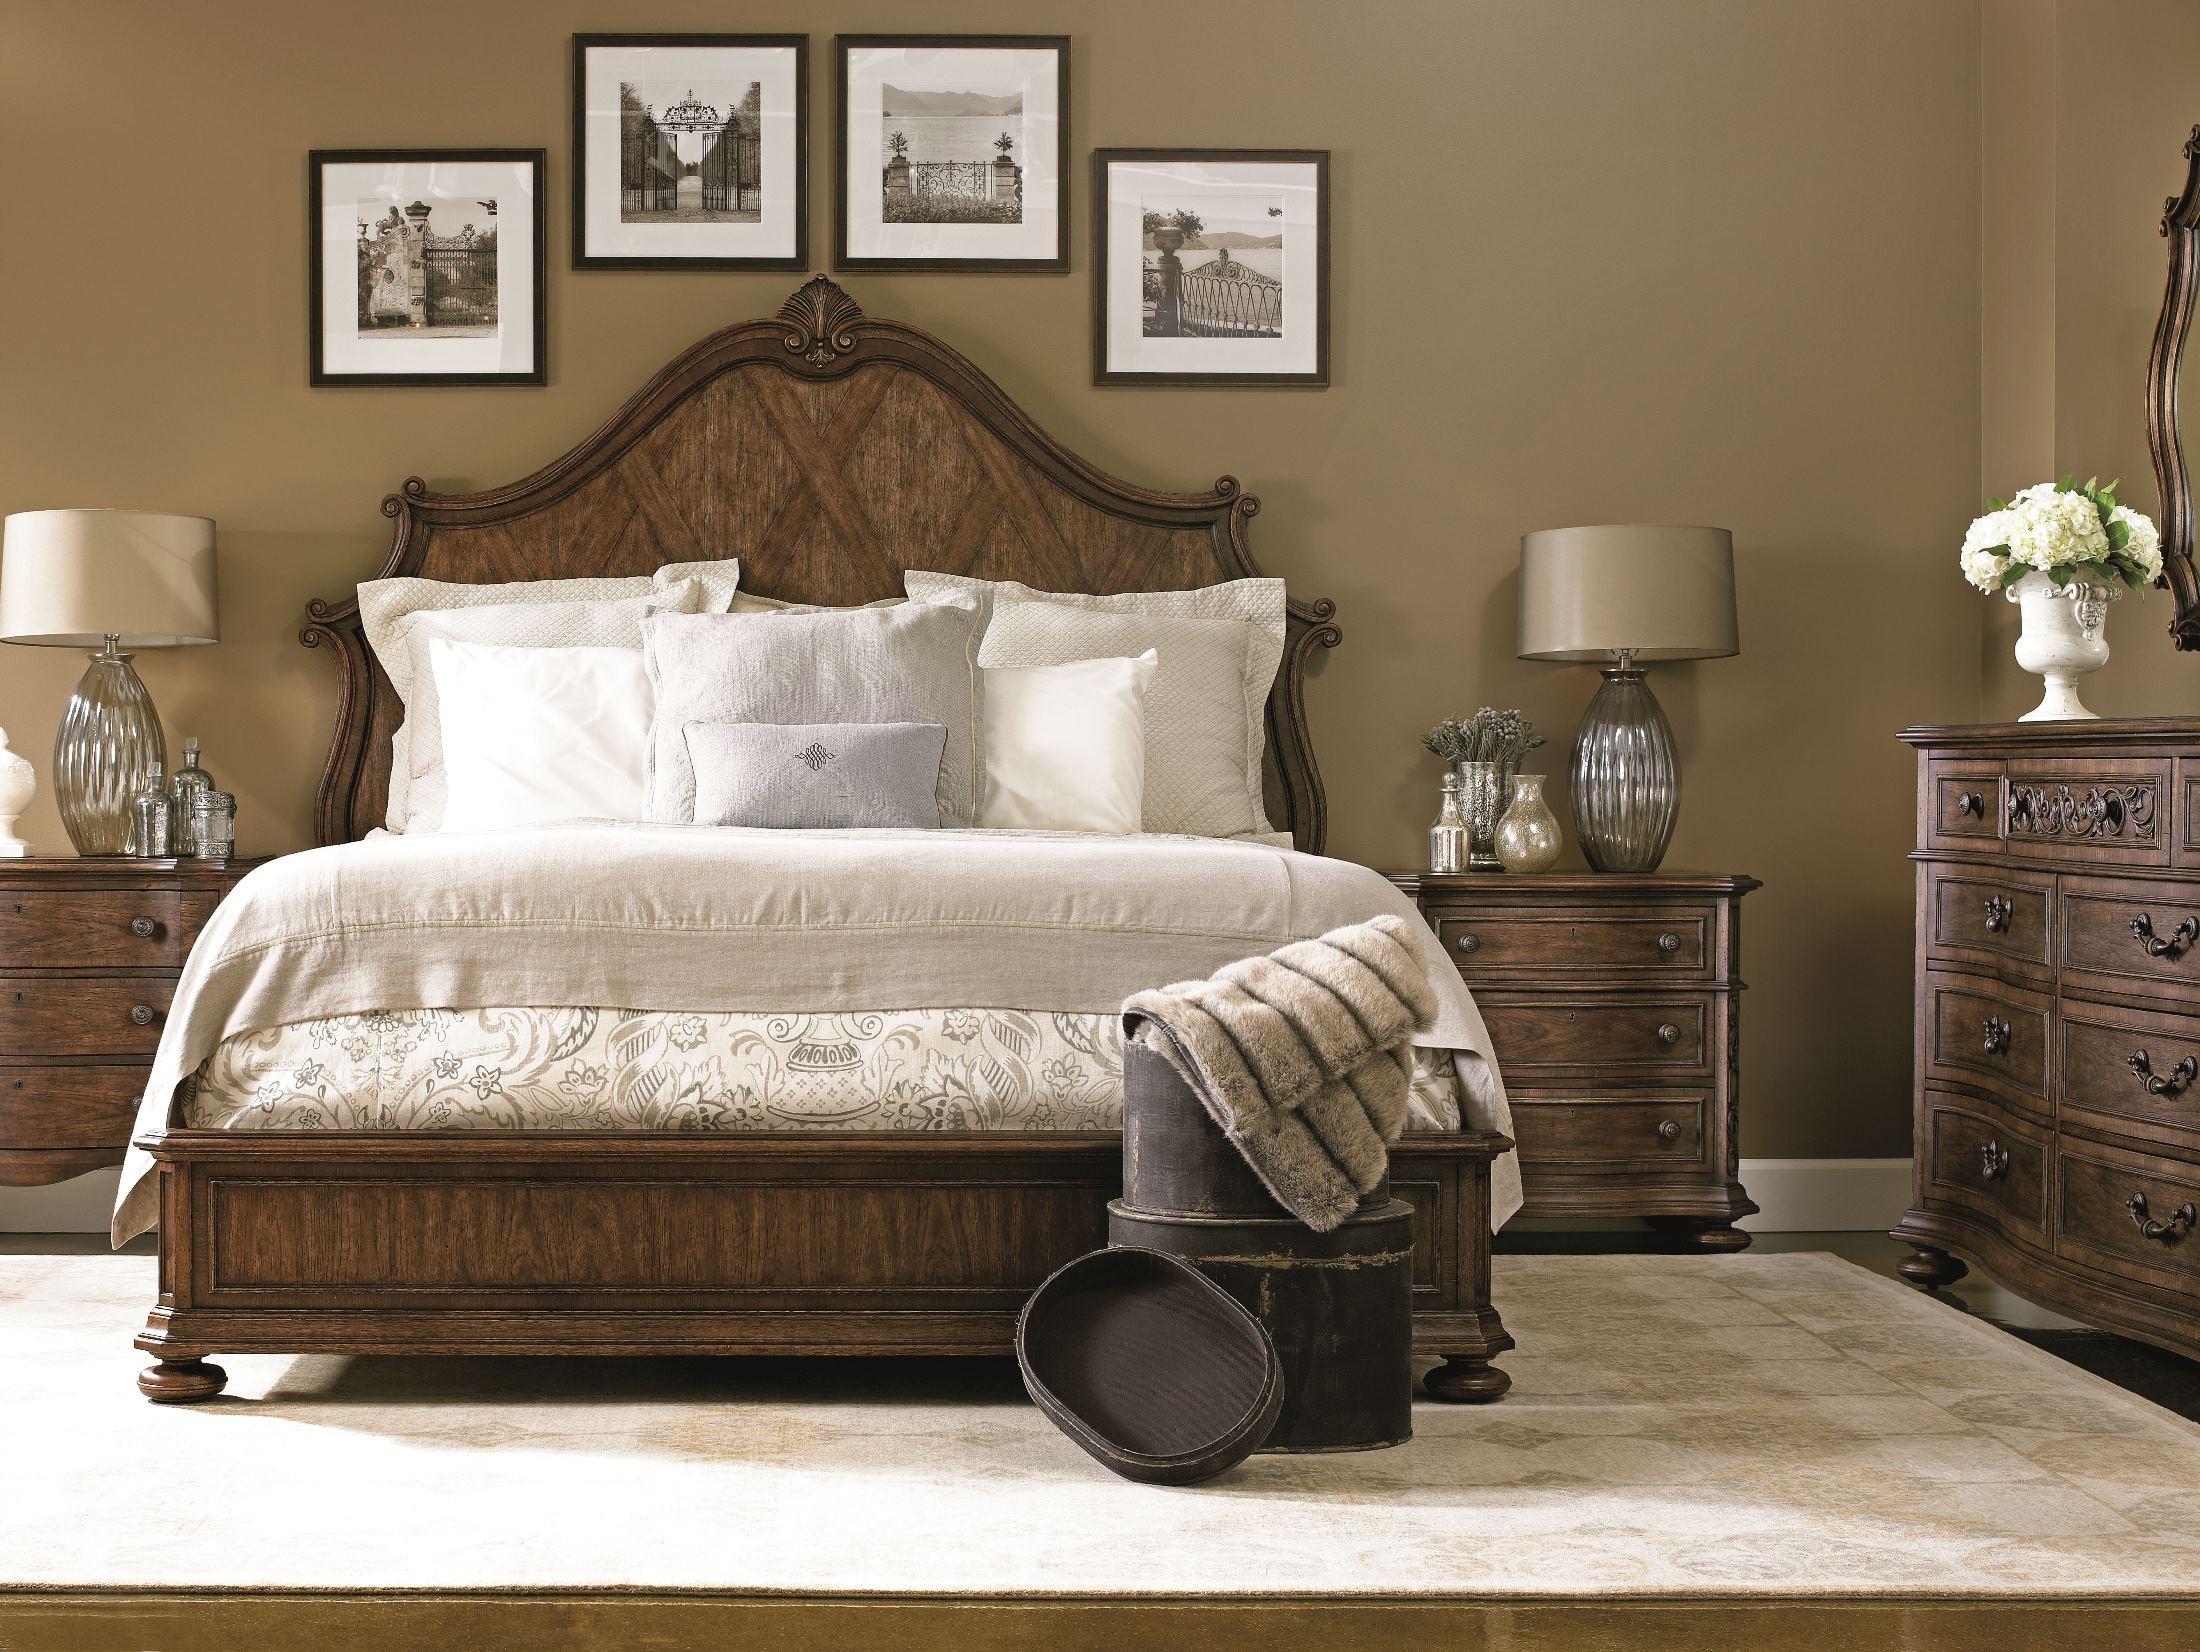 villa fiore wood panel bedroom set 391 13 40 stanley furniture